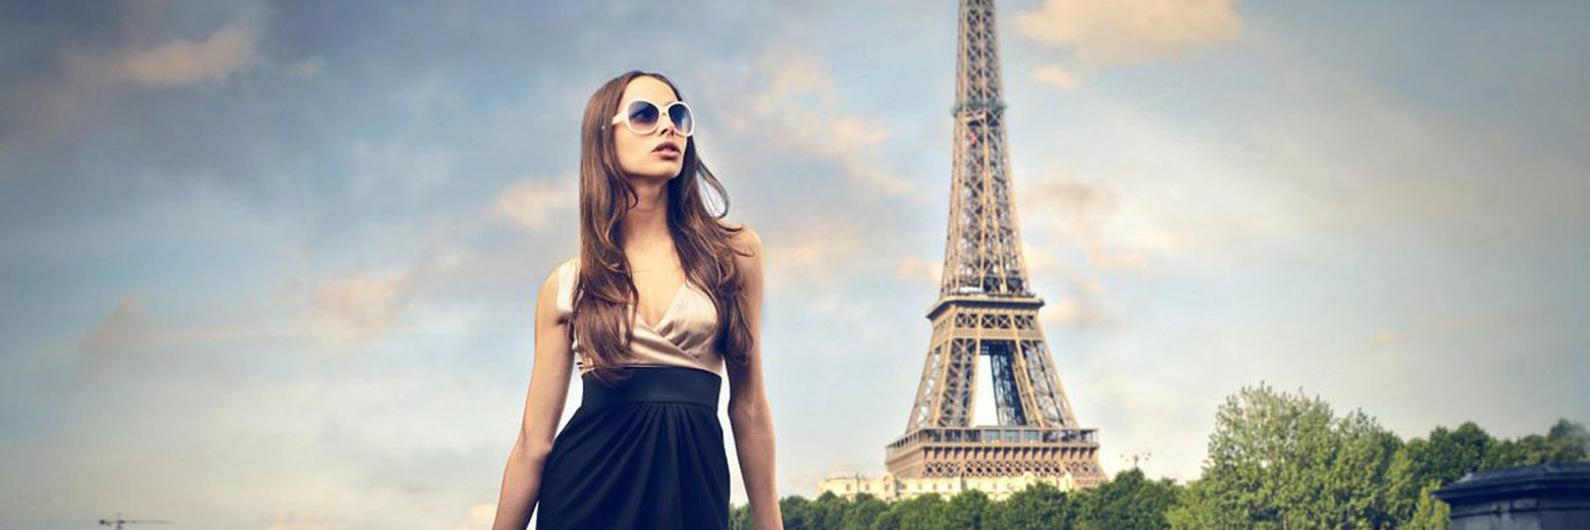 """""""Bonjour"""", Paris! Respire fundo e deixe-se seduzir pelo epicentro da moda"""